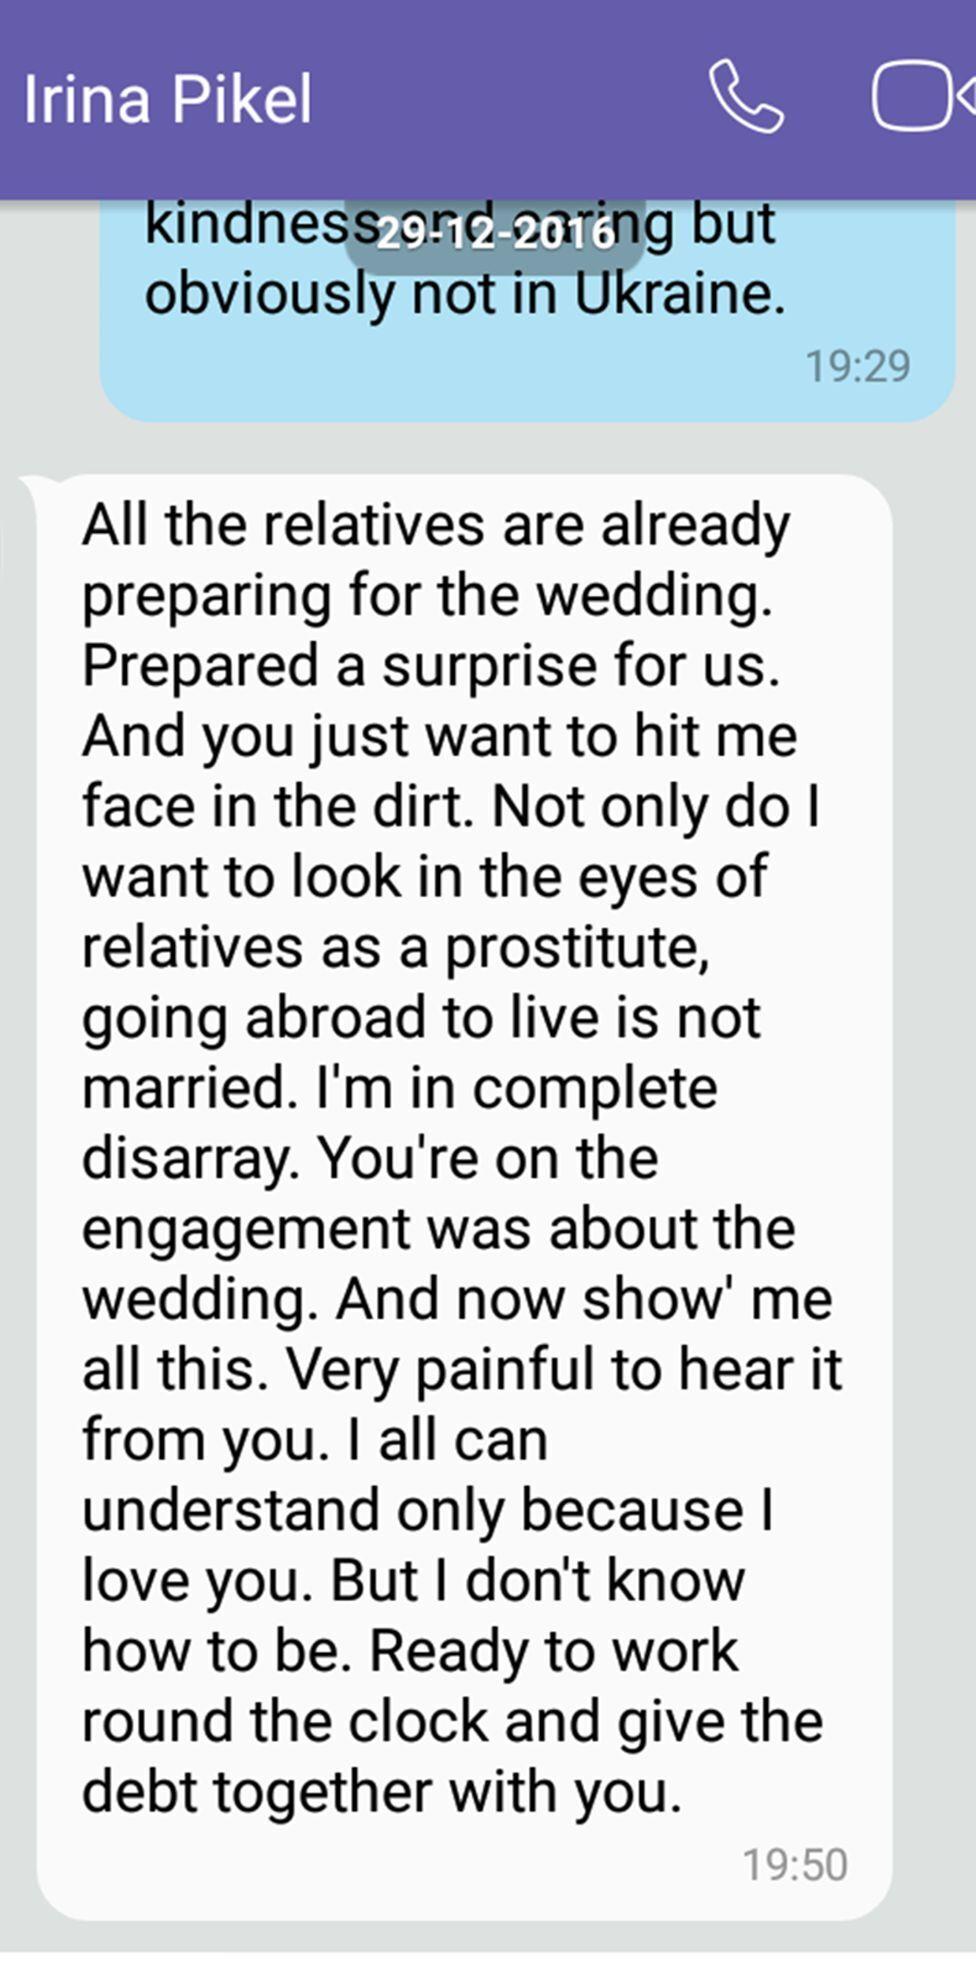 Ирина угрожала отменить их свадьбу, если он не сможет купить квартиру